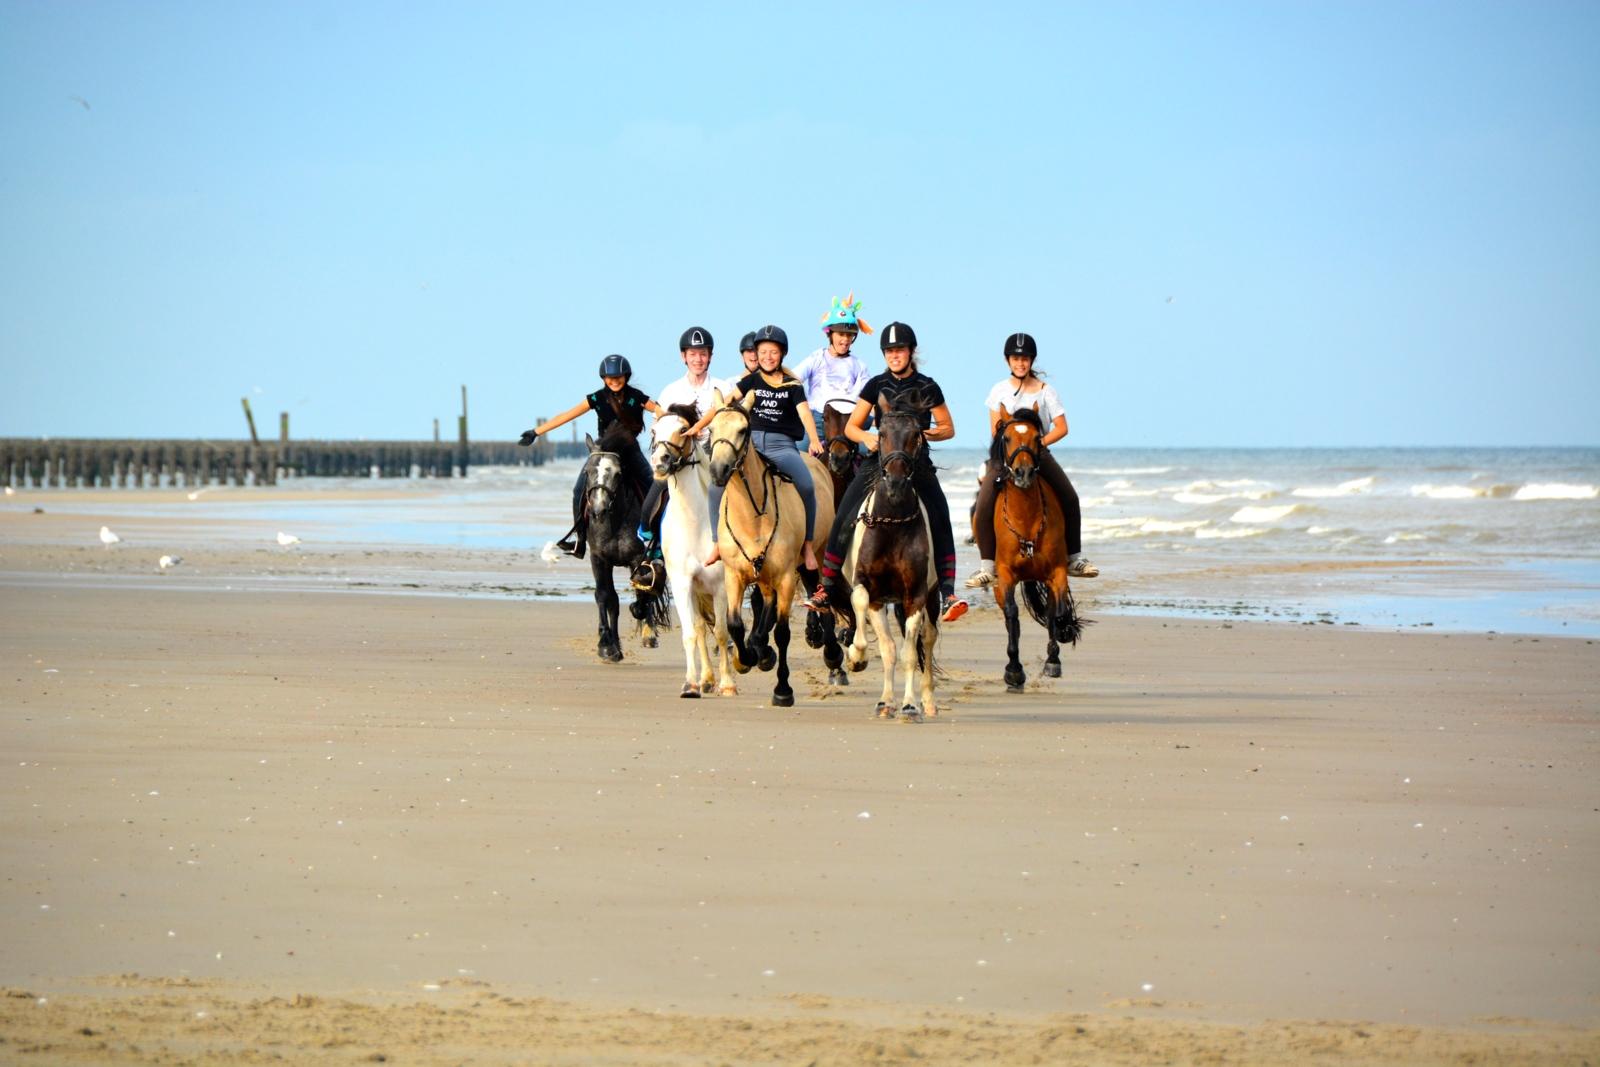 [2022] Paardrijden aan zee - Pasen - Aagtekerke